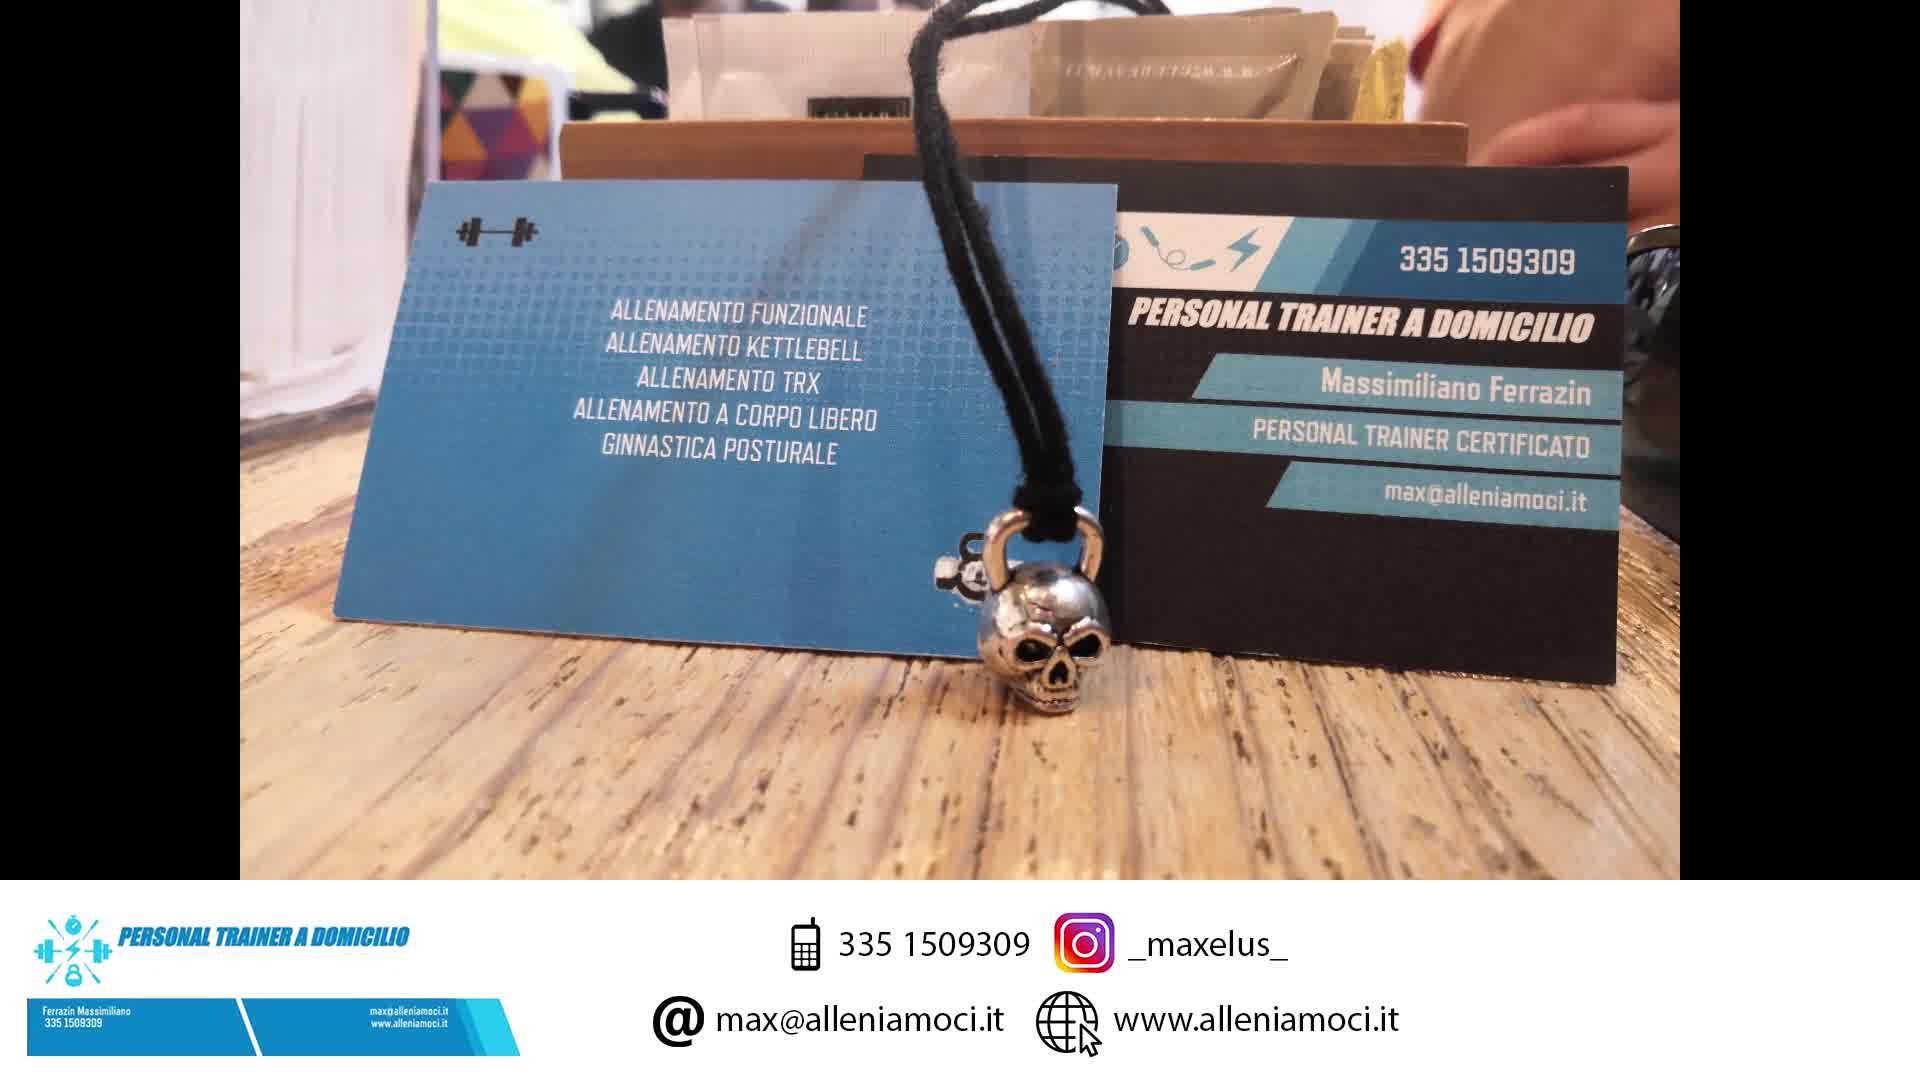 MASSIMILIANO FERRAZIN - PERSONAL TRAINER